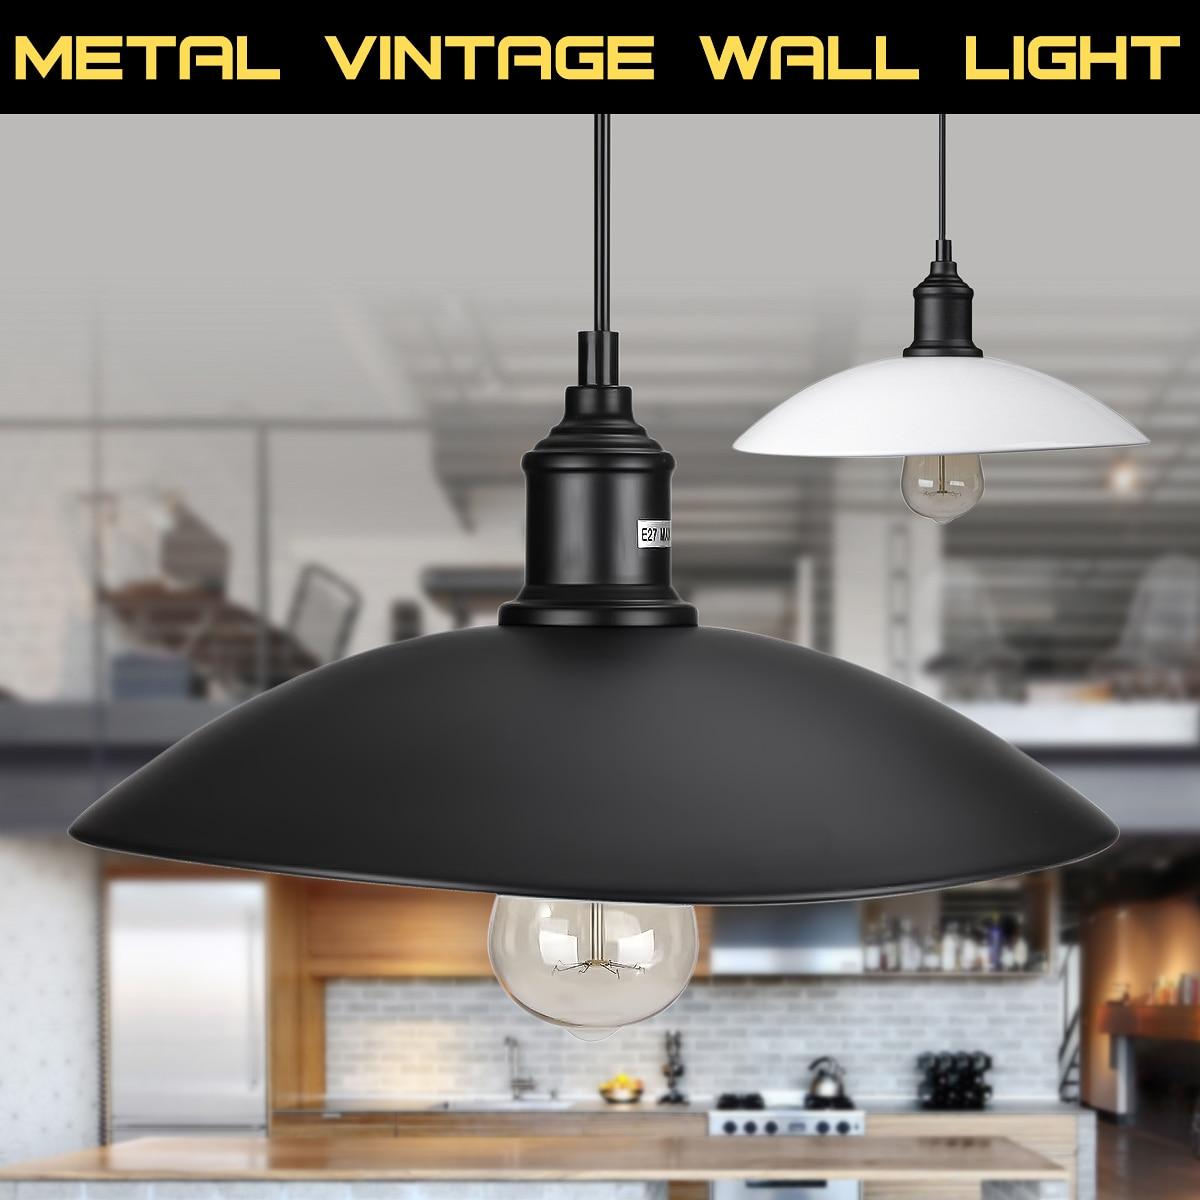 Vintage Industrial Shop Light: Industrial Vintage Hanging Pendant Light Lamp Vintage